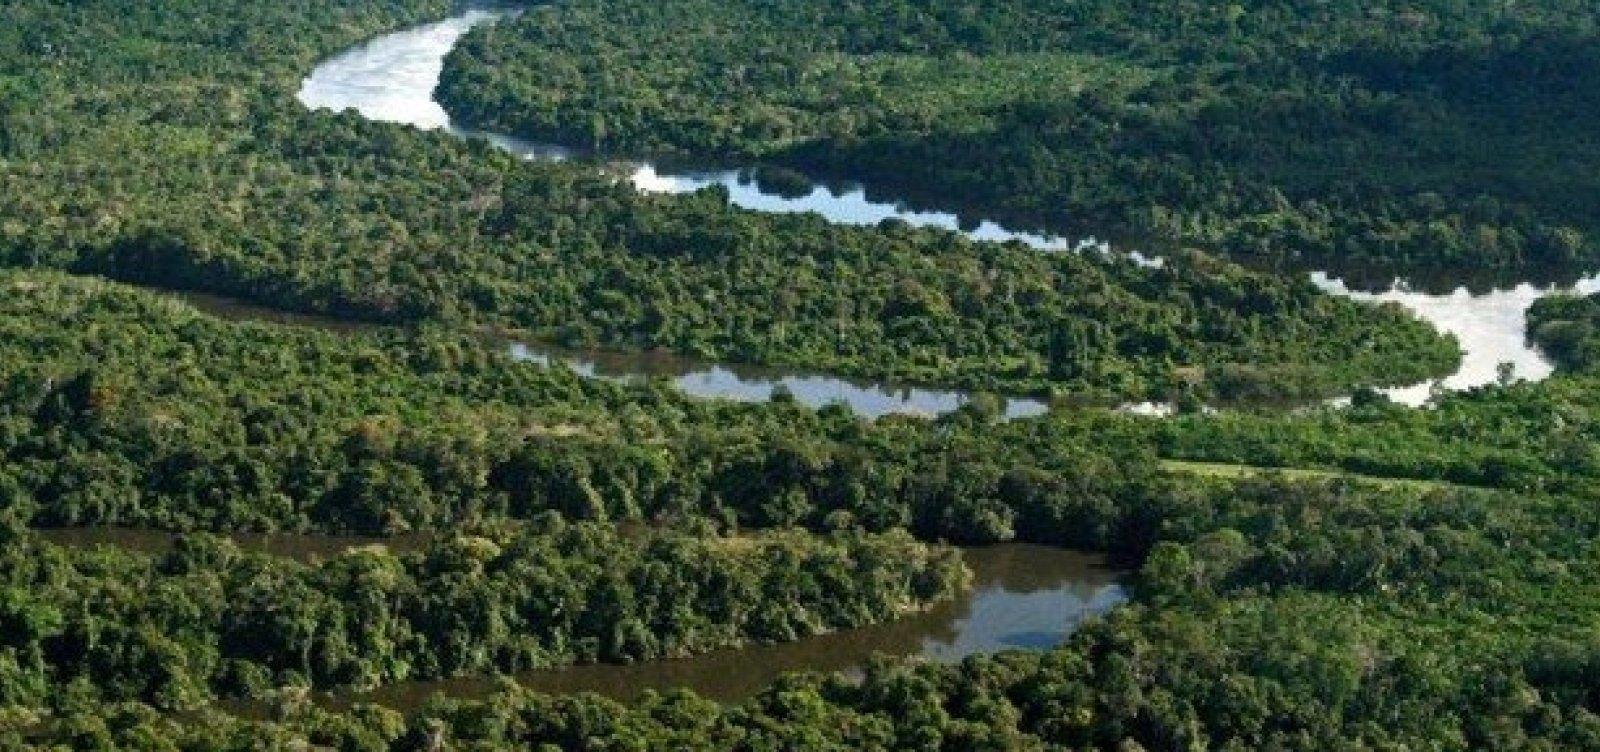 Temperatura na Amazônia pode aumentar em 1,45°C devido a desmatamento